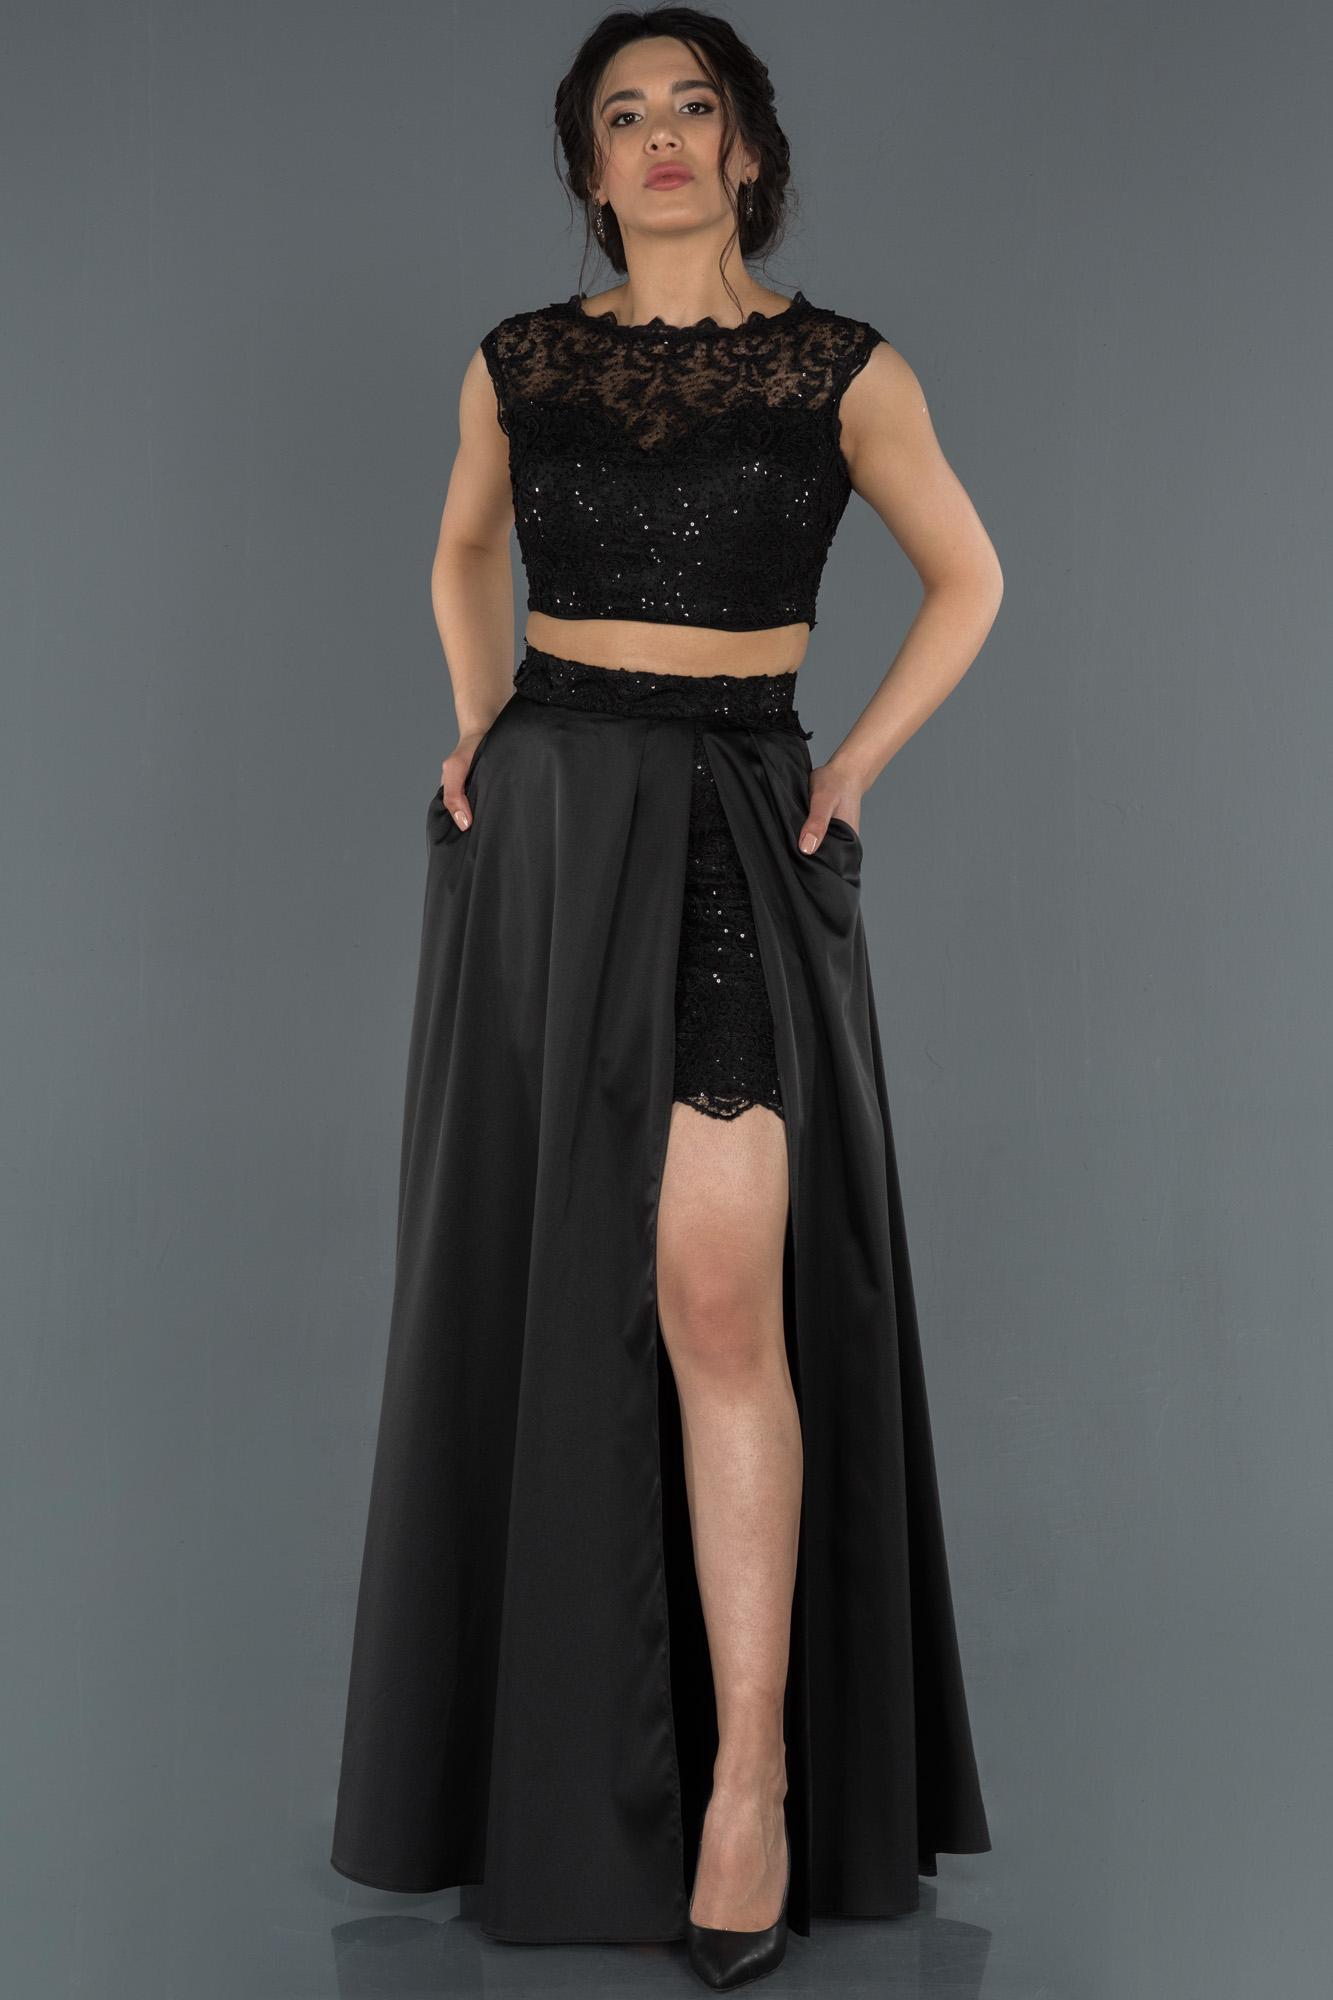 Siyah Bacak Dekolteli Güpürlü Saten Abiye Elbise